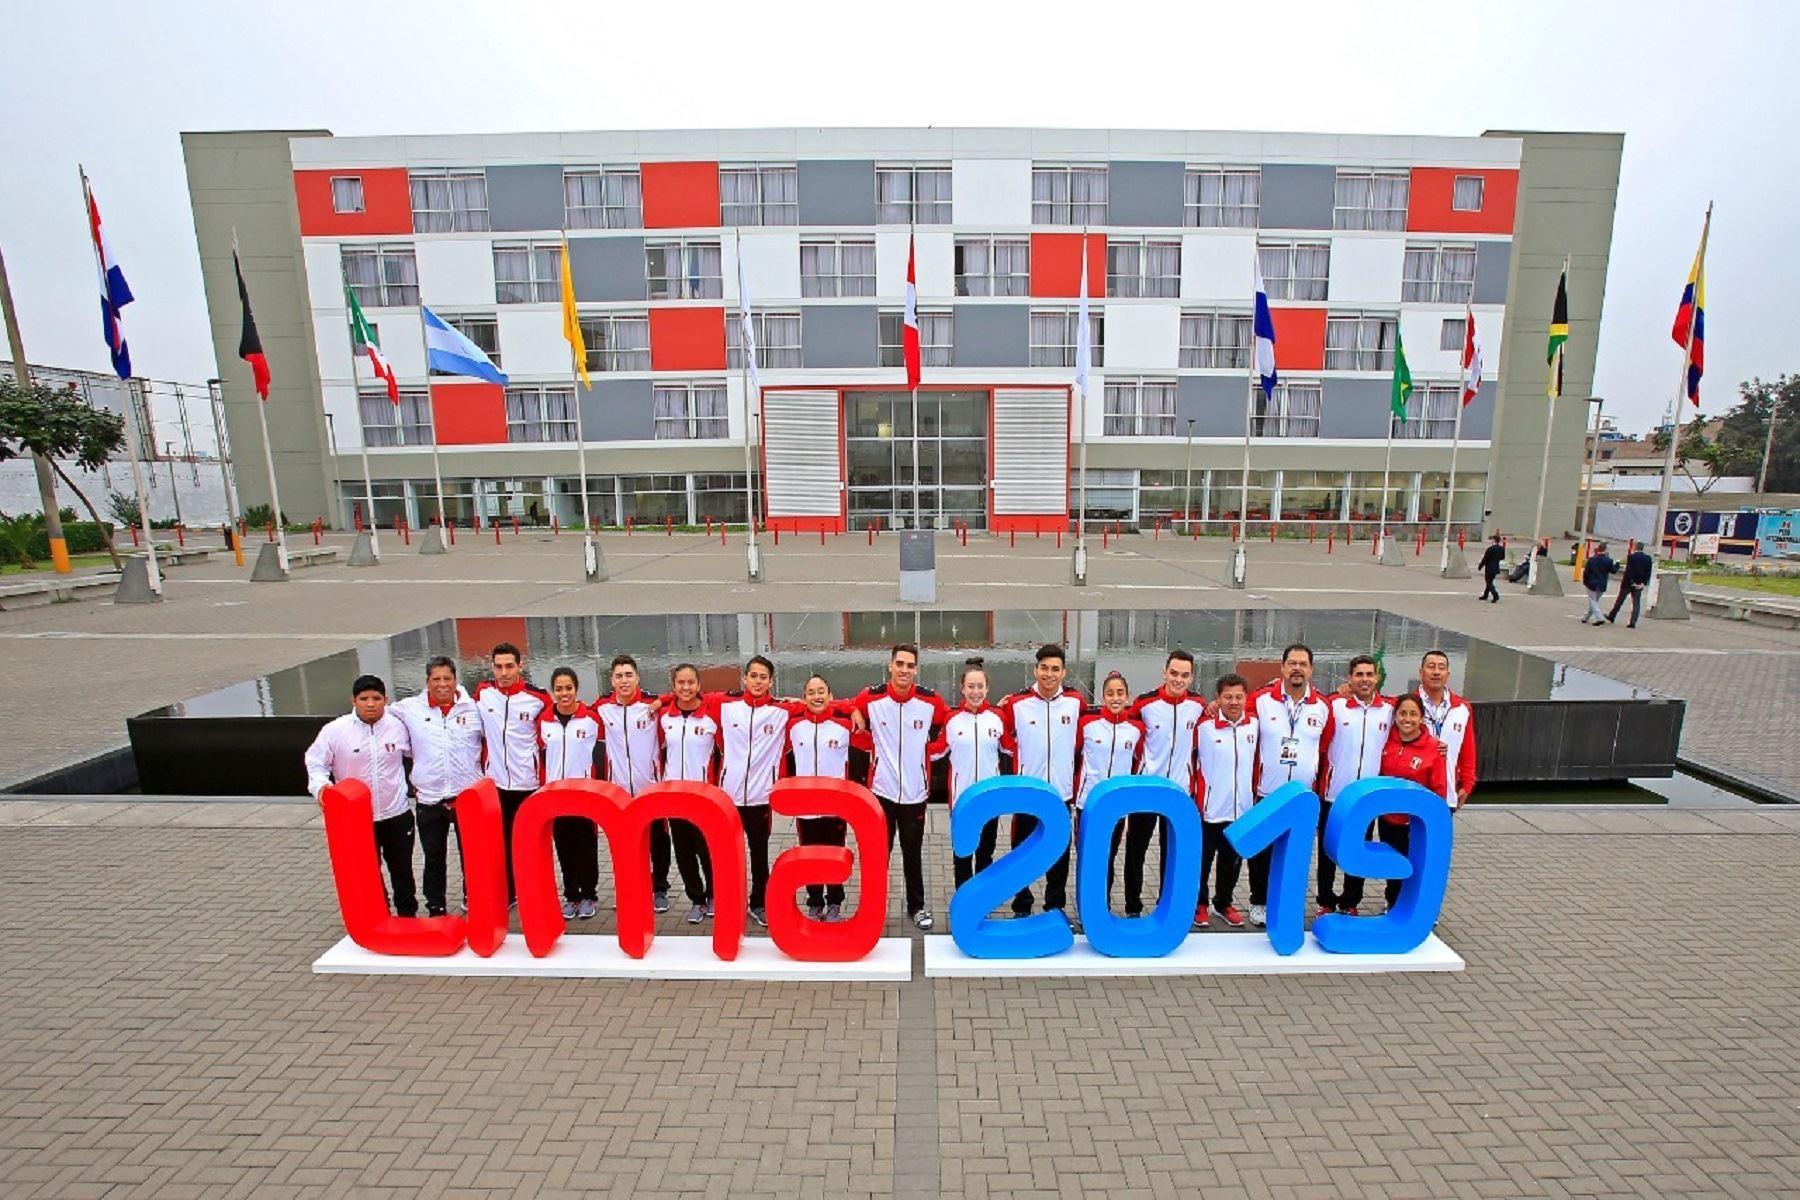 Lima 2019 recibirá todo el apoyo para que nuestro país logre una participación histórica.